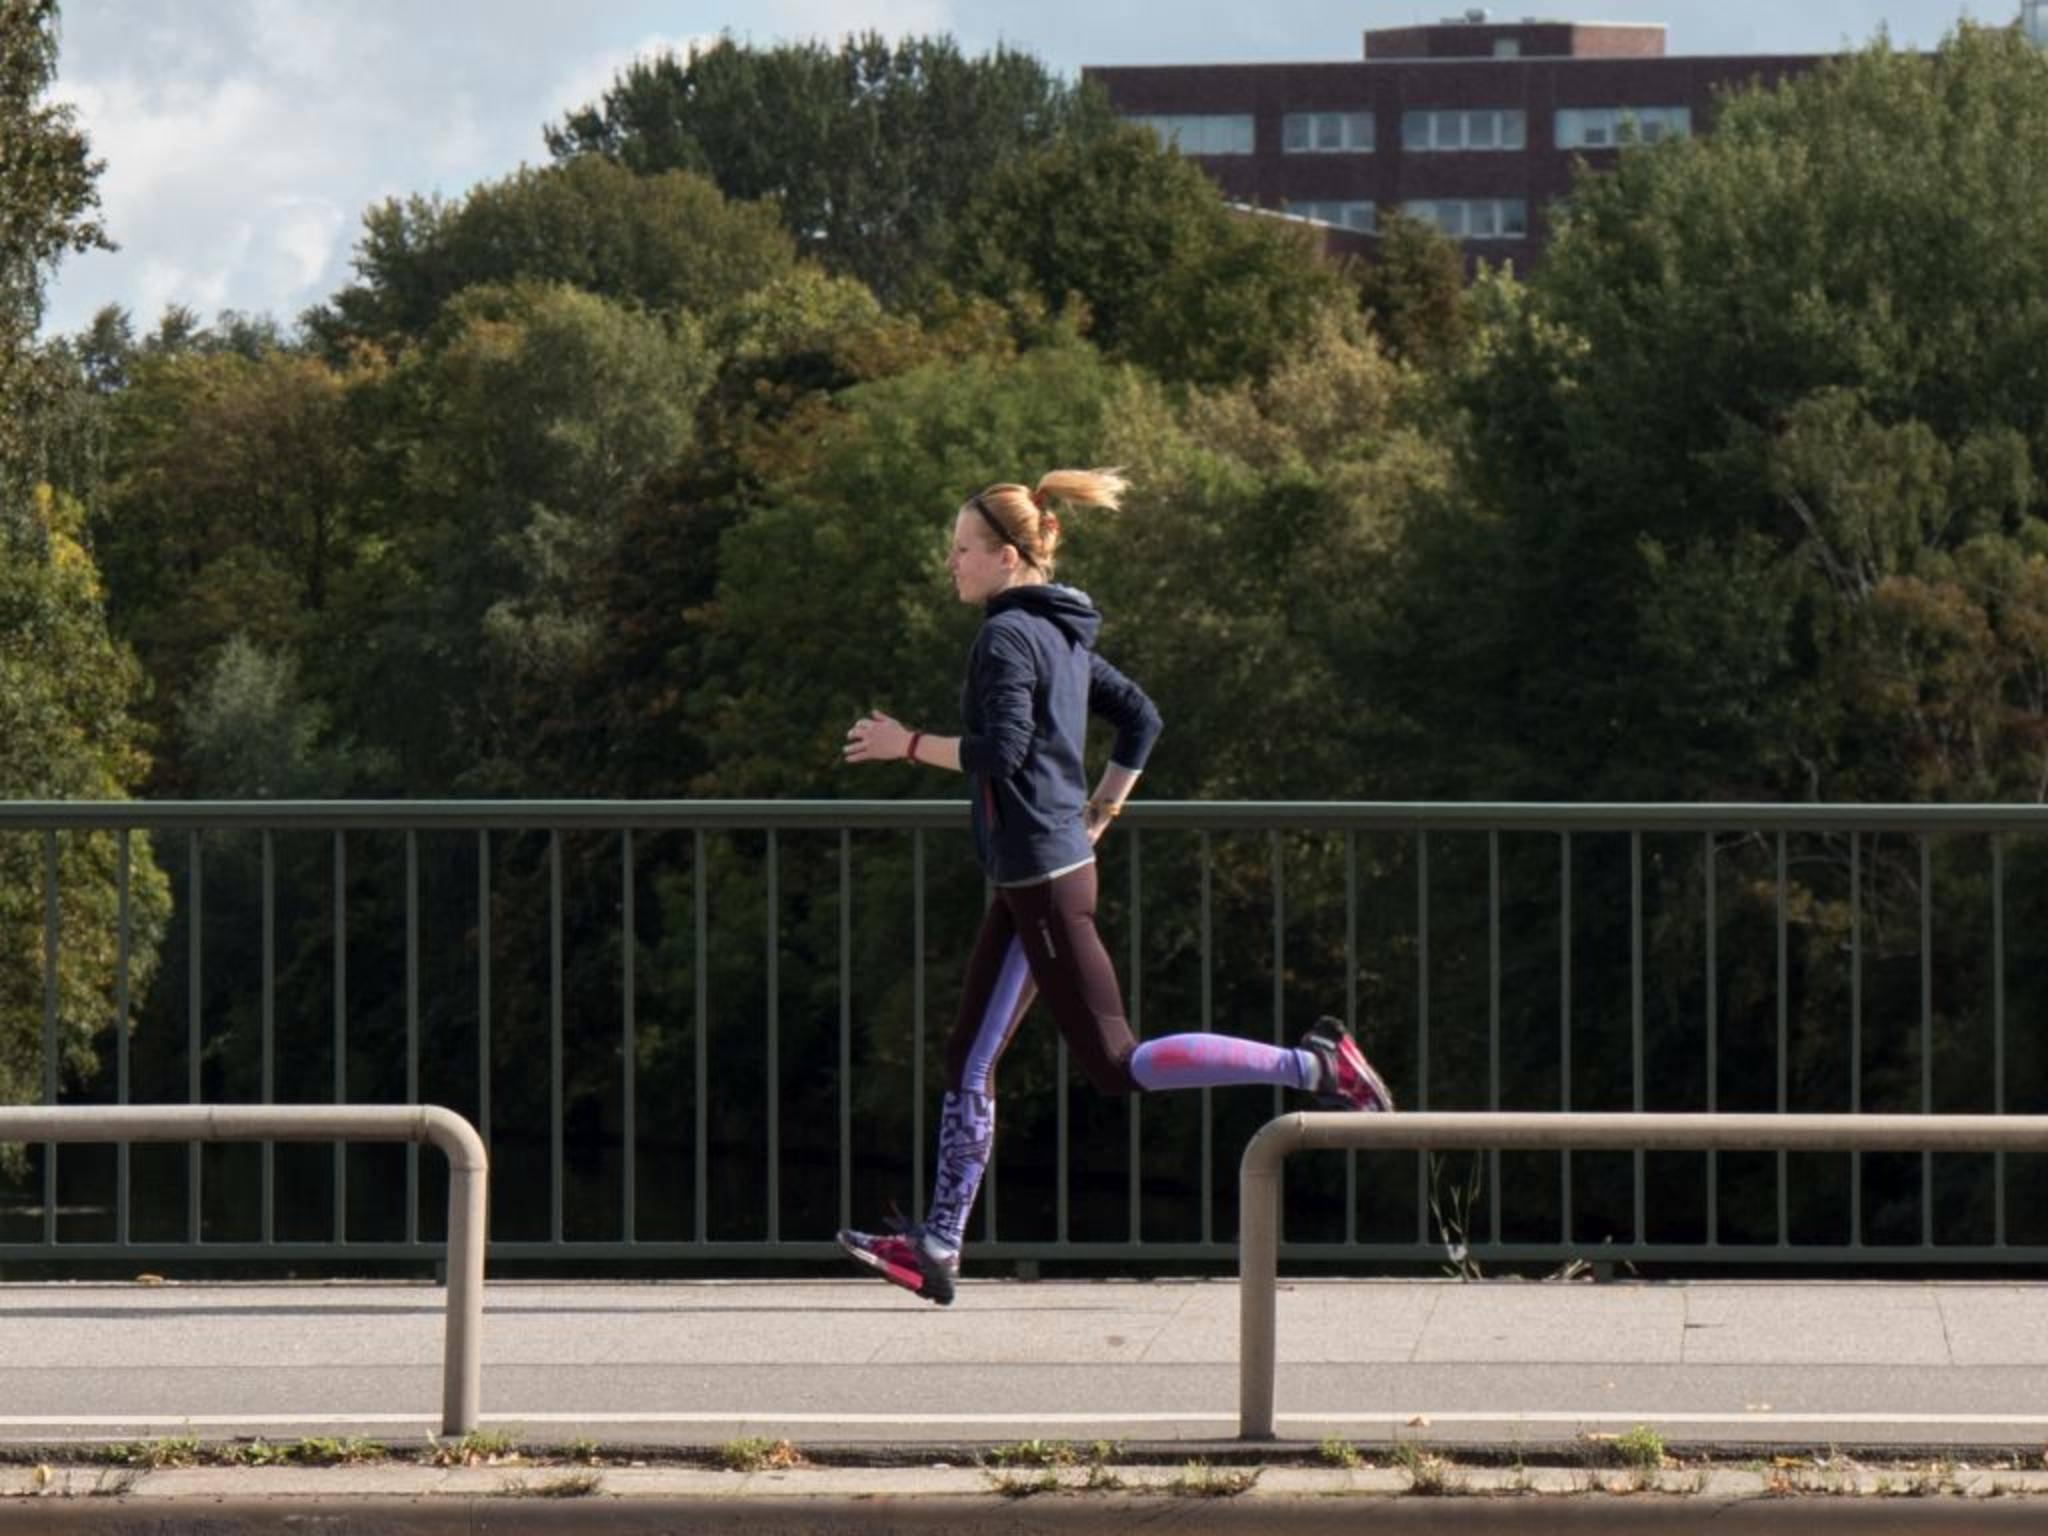 Für Alltag oder Sport? Fitness-Tracker gibt es für unterschiedliche Anwendungszwecke.